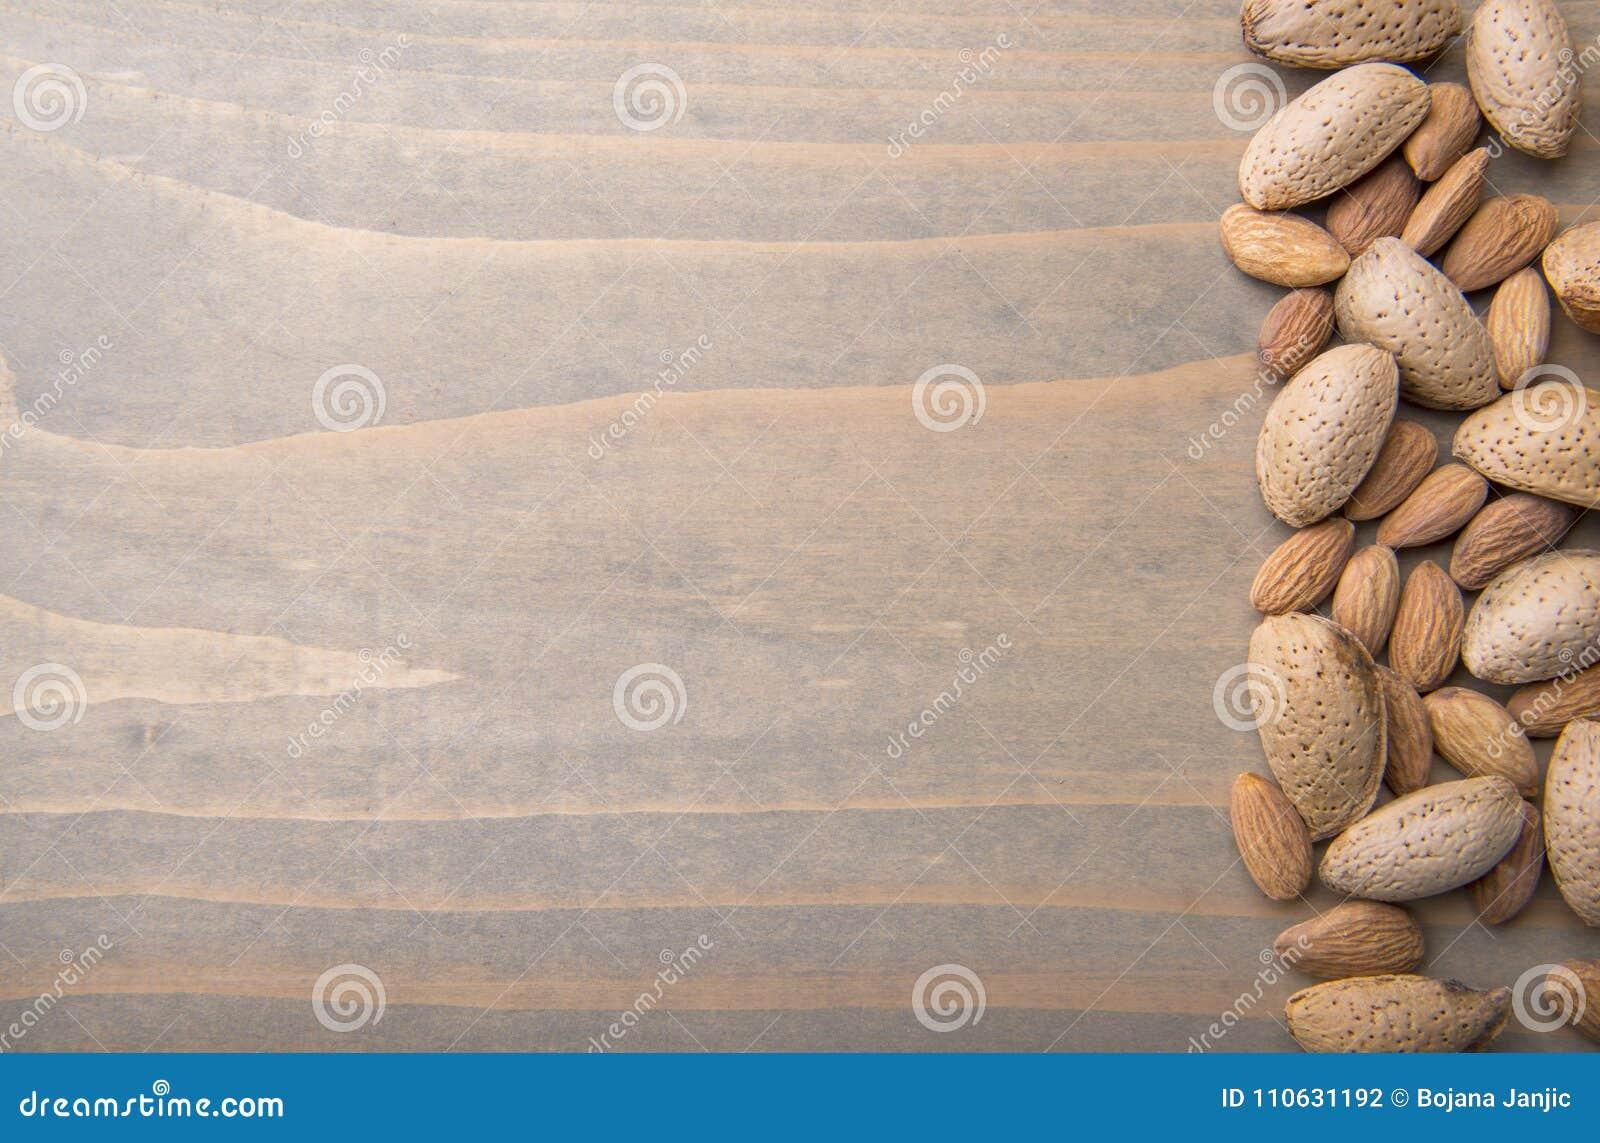 Almendras en fondo de madera